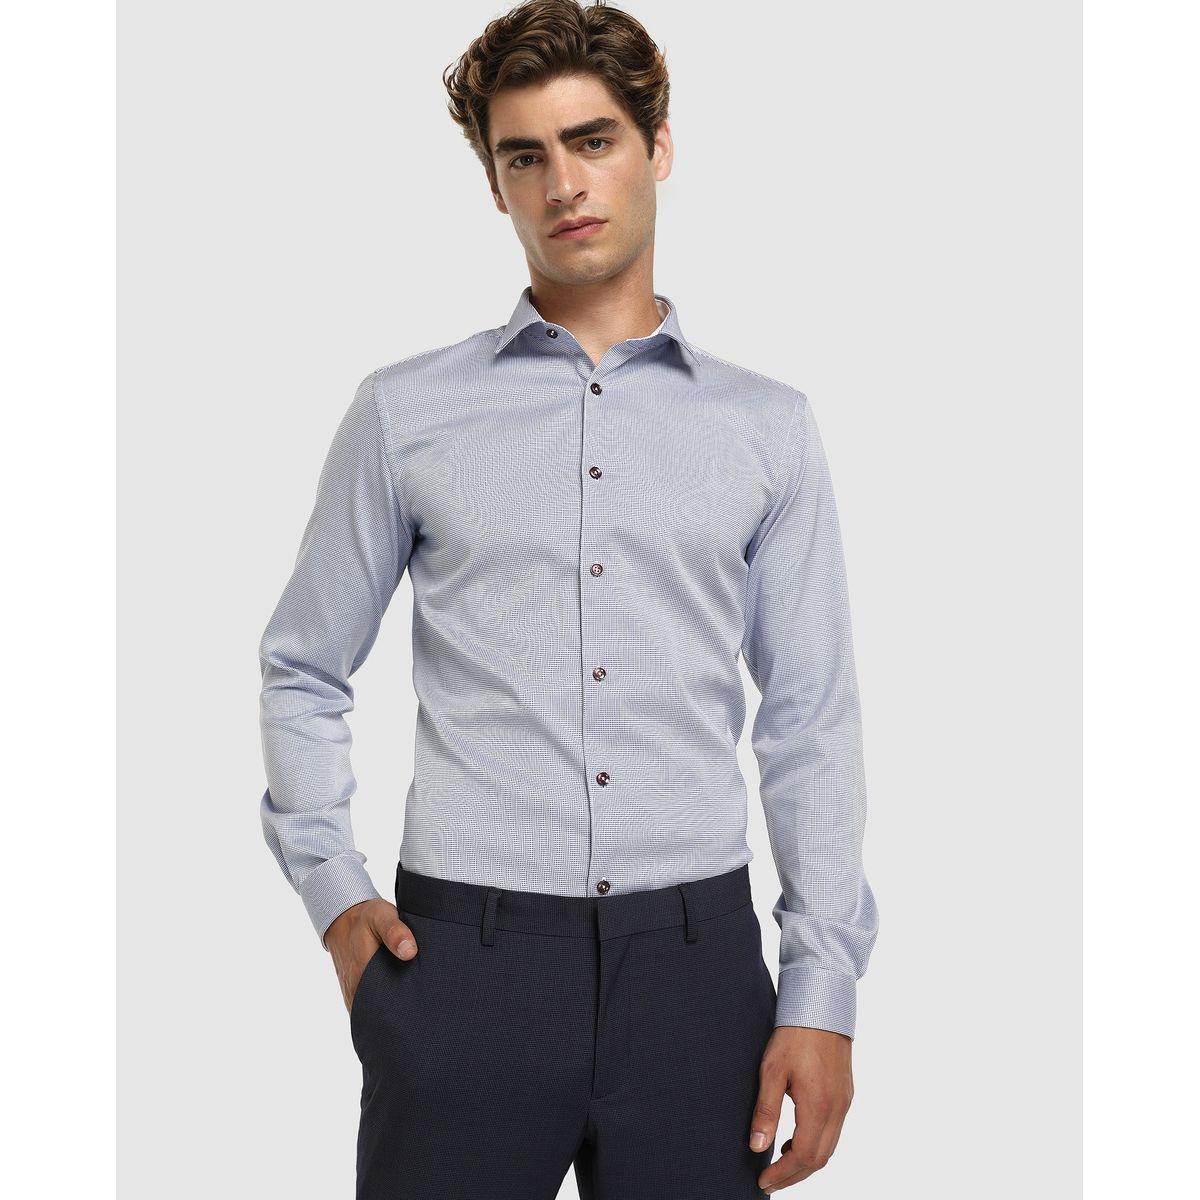 Chemise slim habillée repassage facile unie